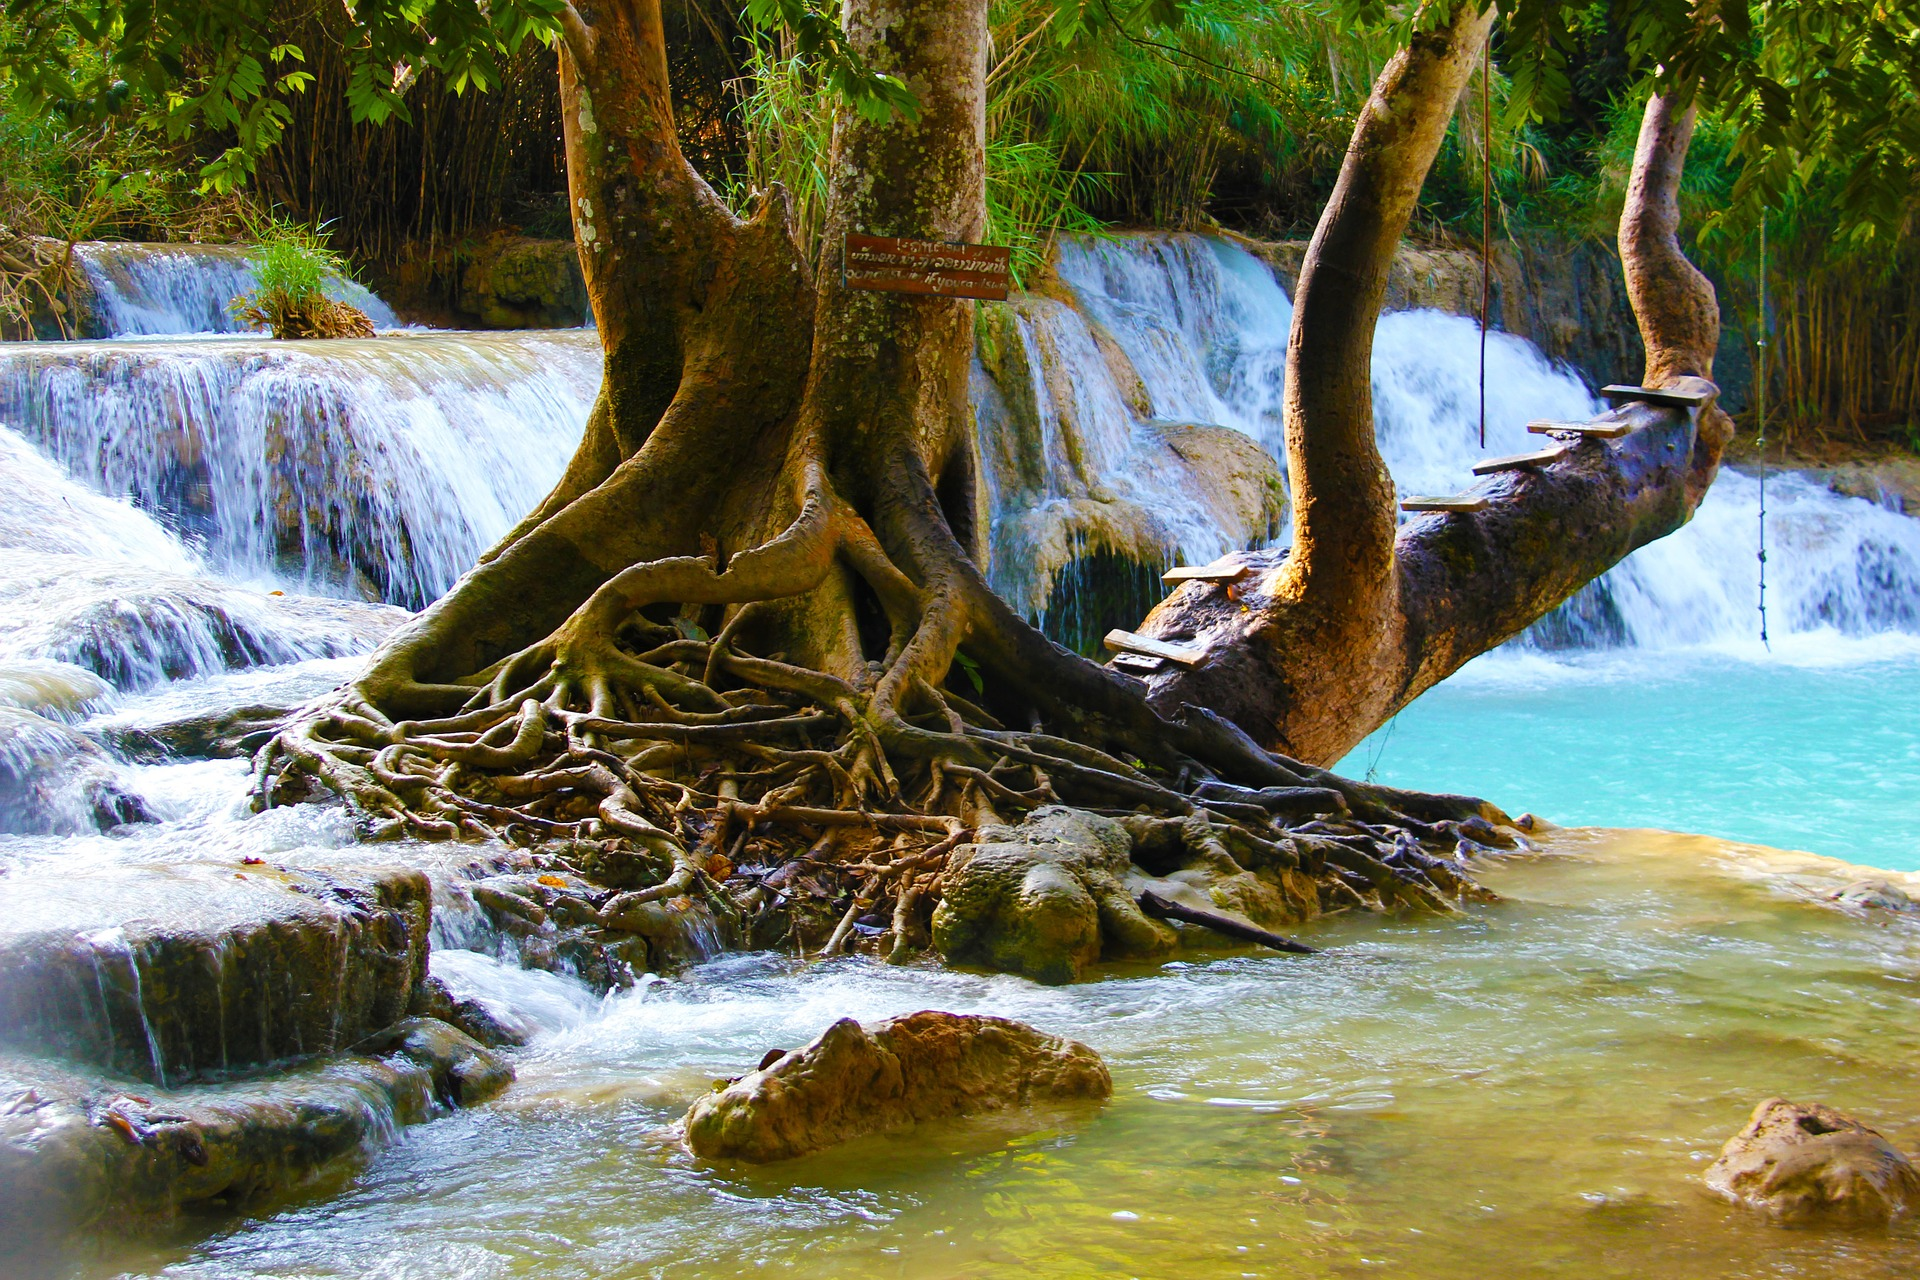 Wasserfälle in Thailand einer der beliebtesten Sehenswürdigkeiten in der freien Natur